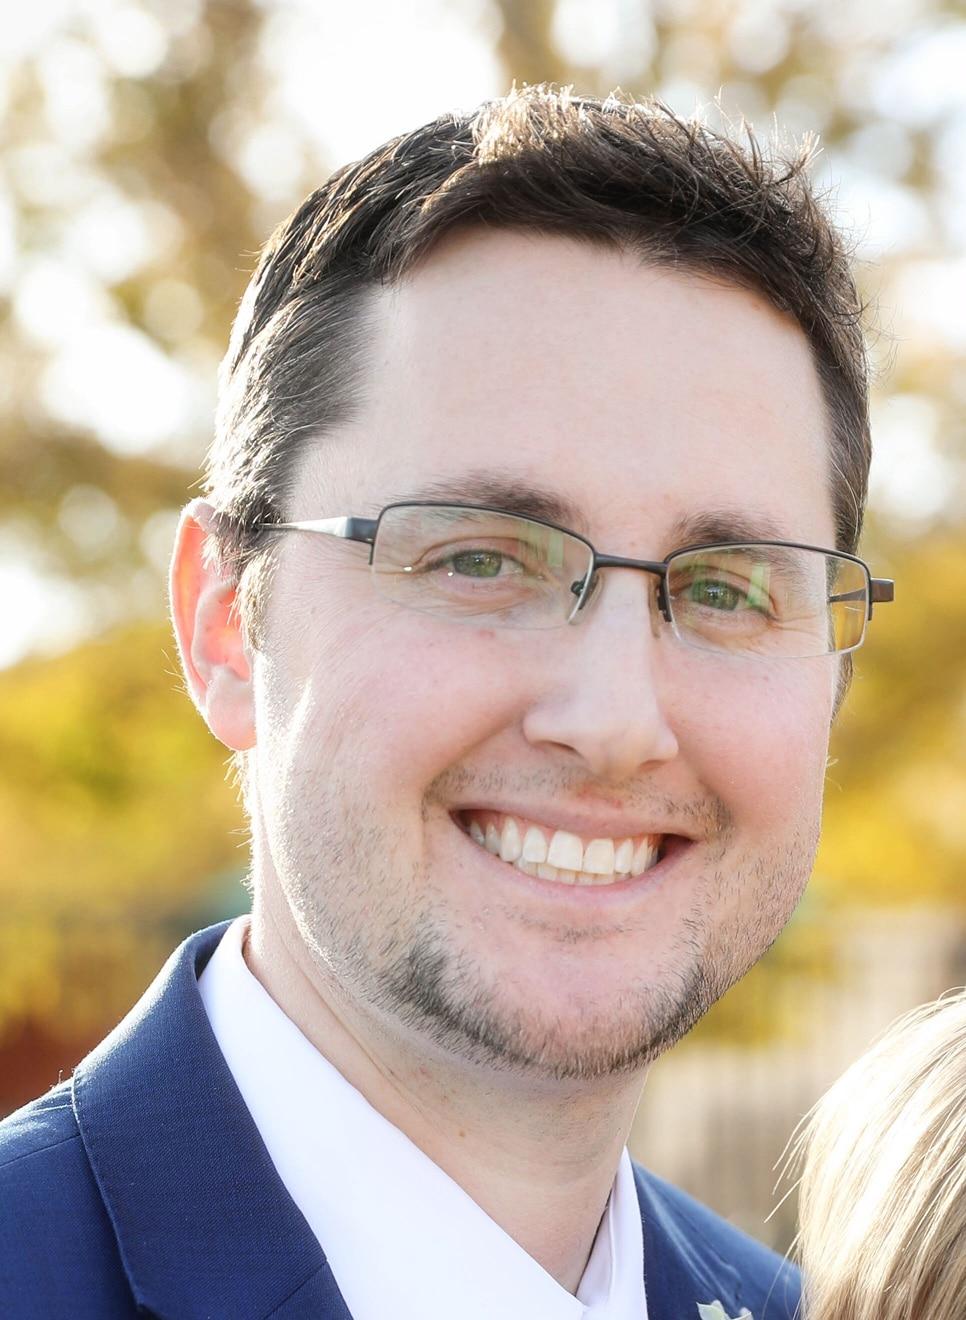 Steven Joseph Sledziona